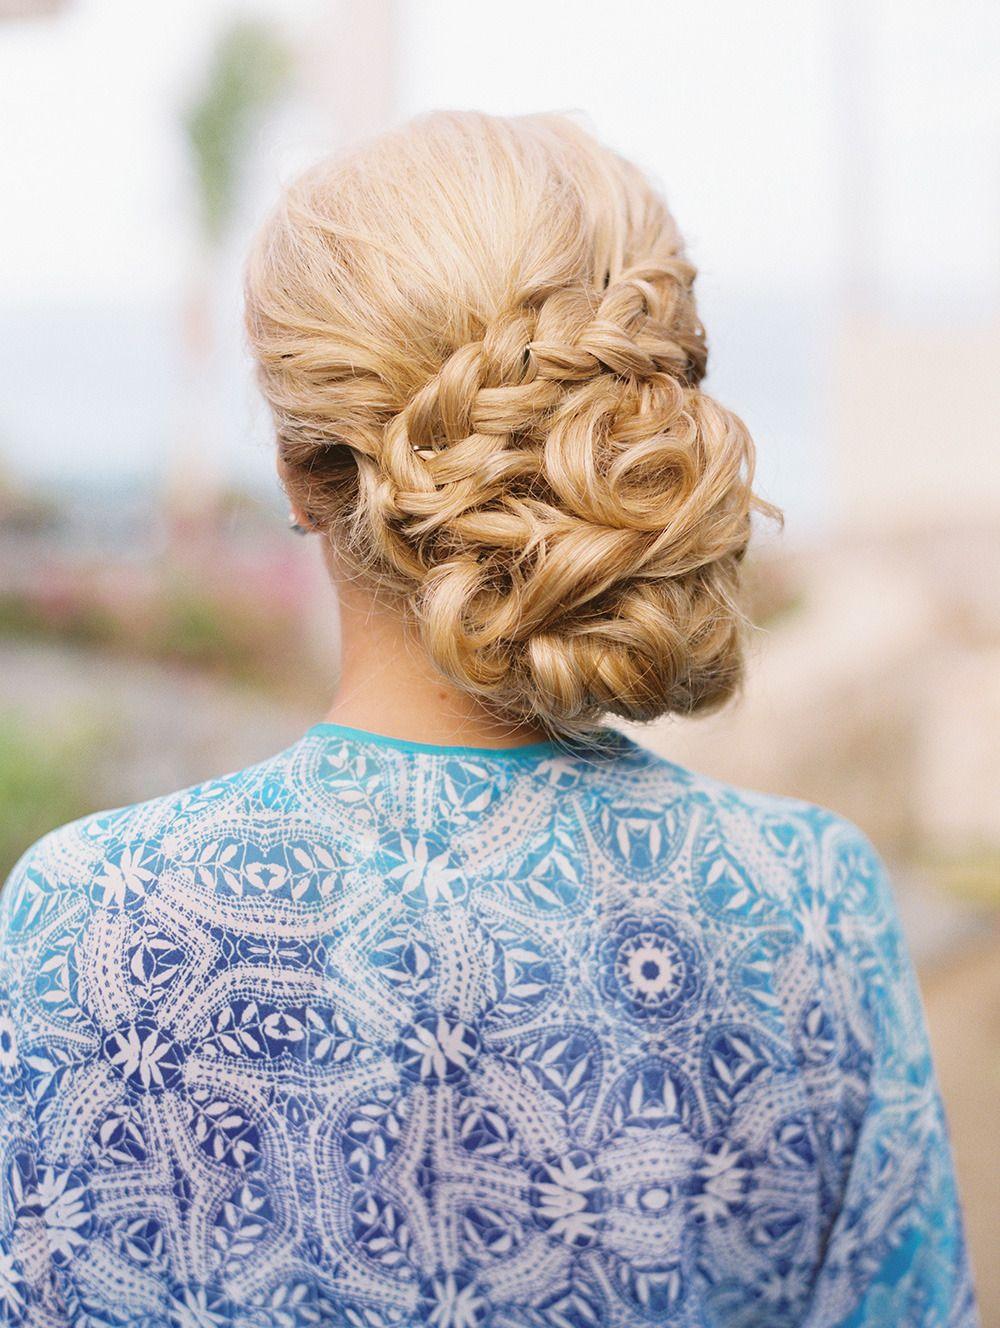 Wedding side updo with a little a braid. So Pretty!